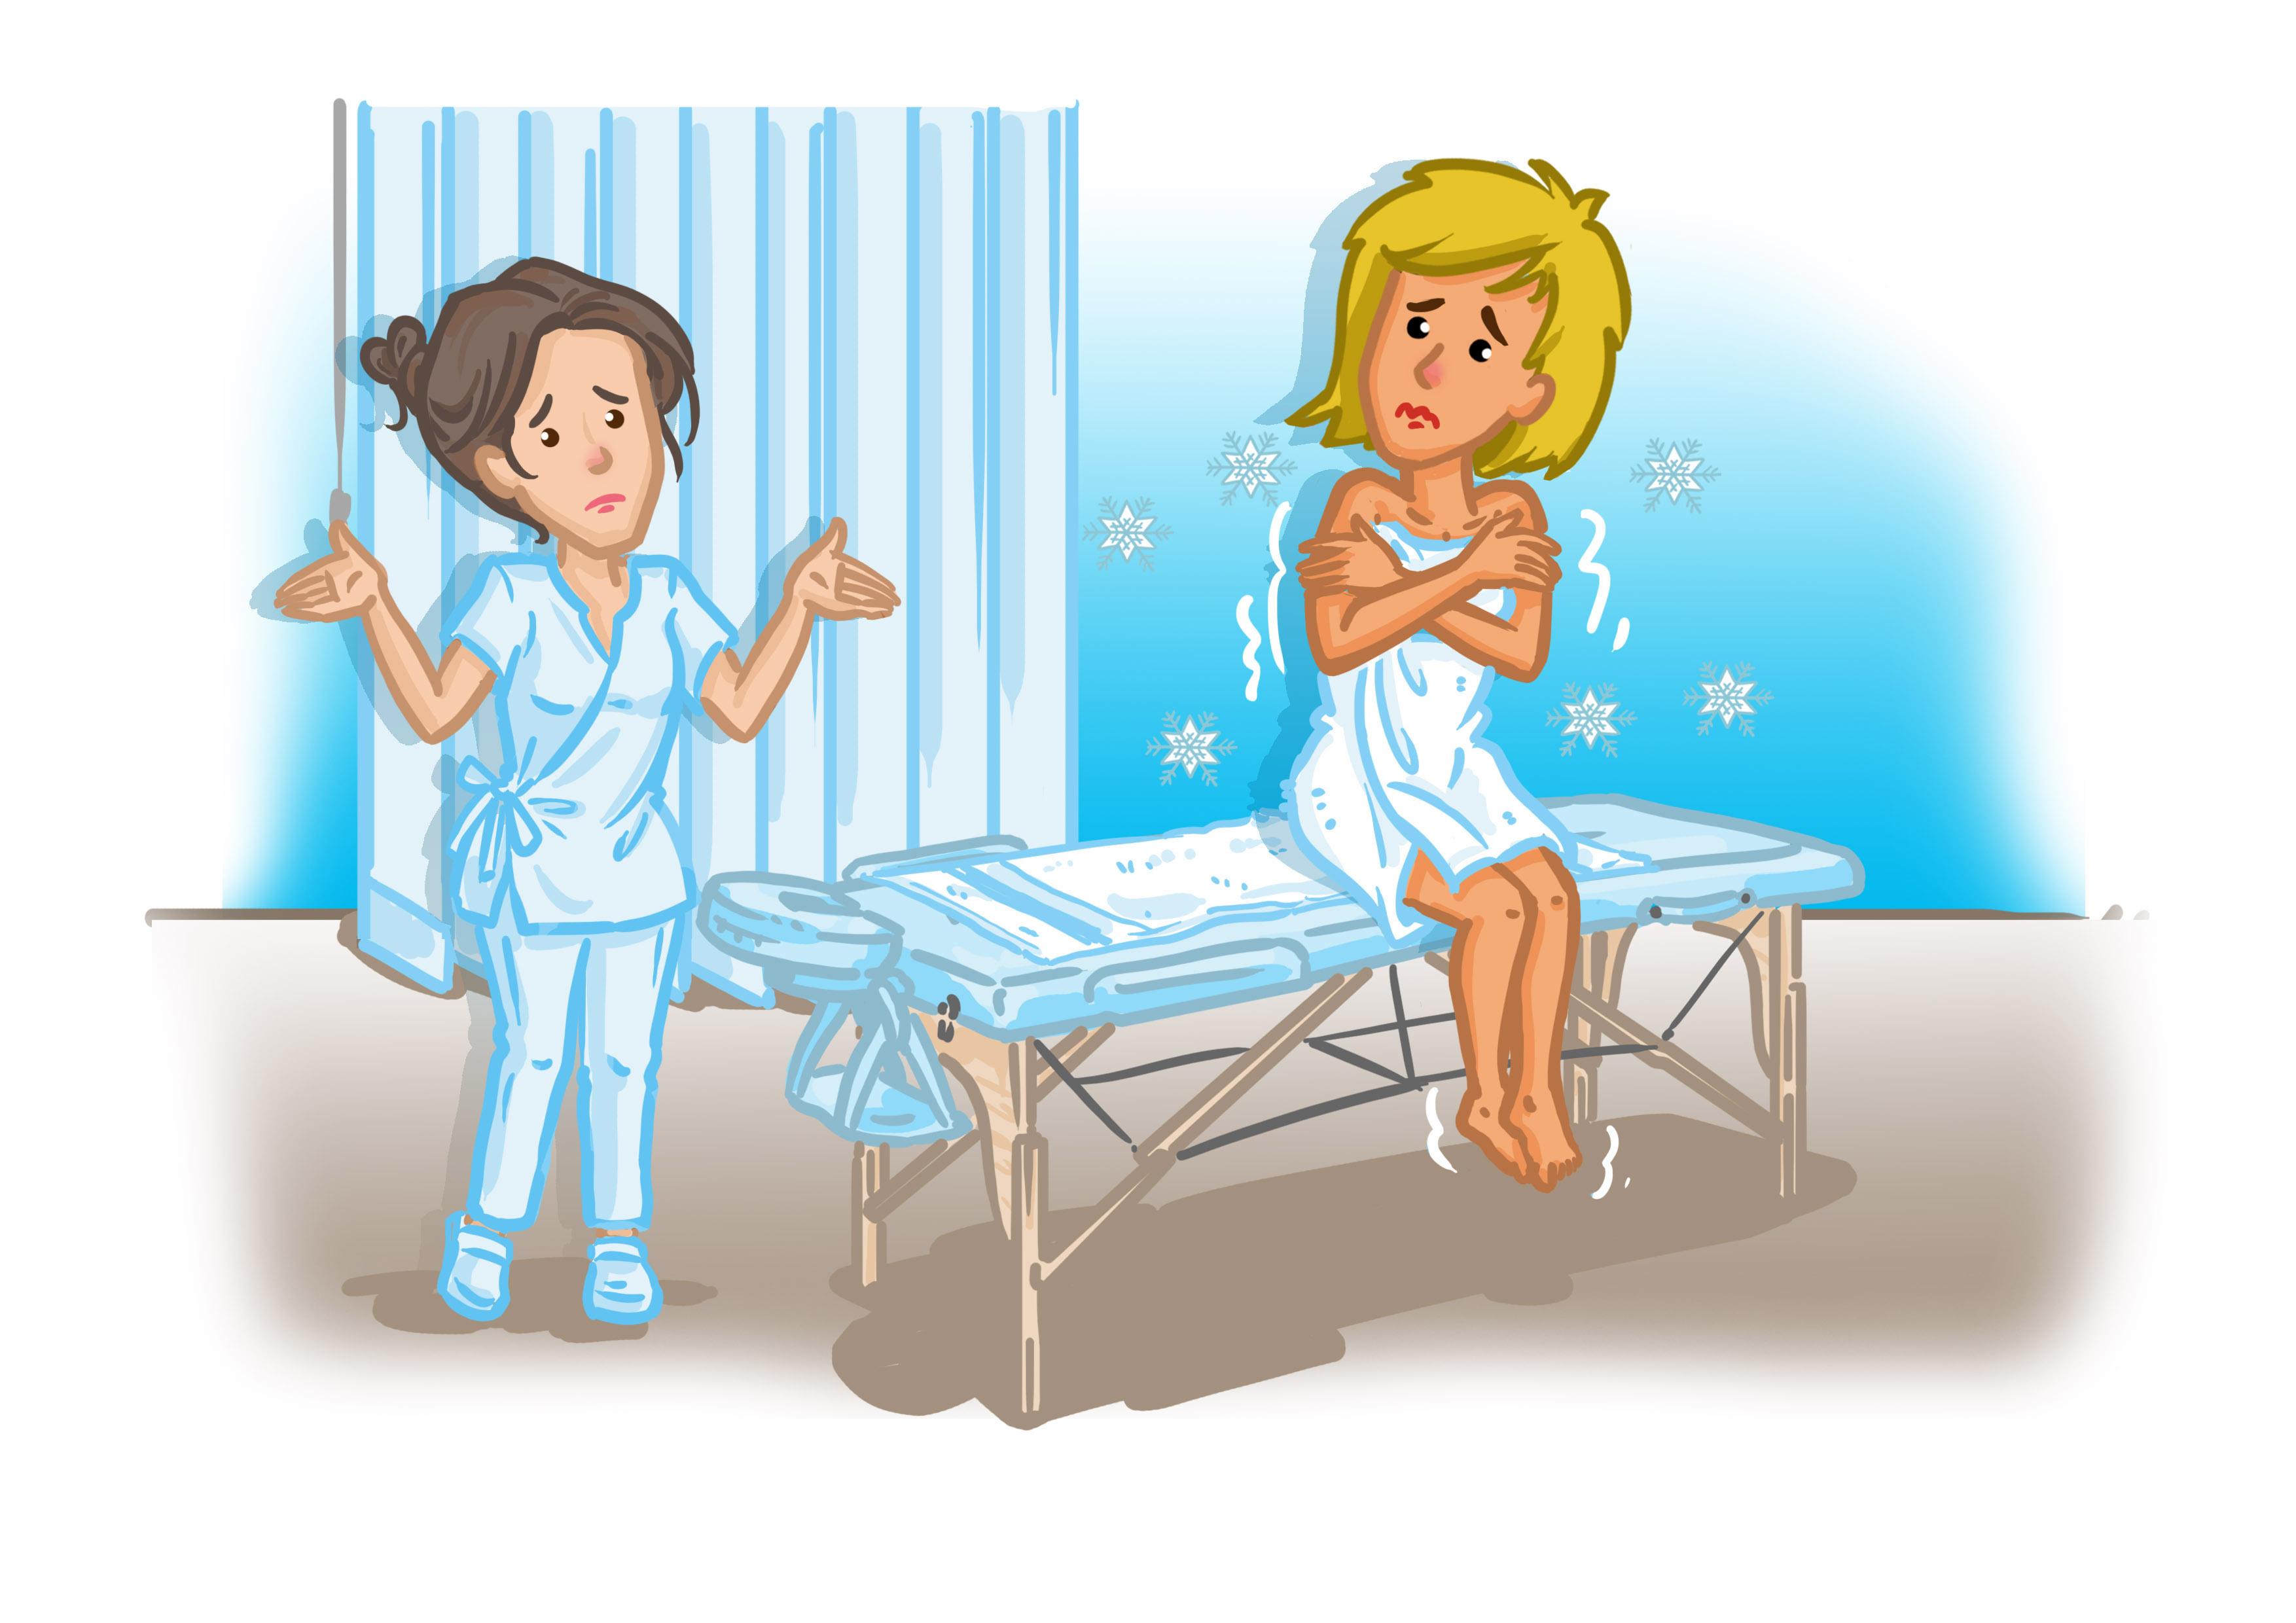 Bei Massagen ist die richtige Raumtemperatur besonders wichtig